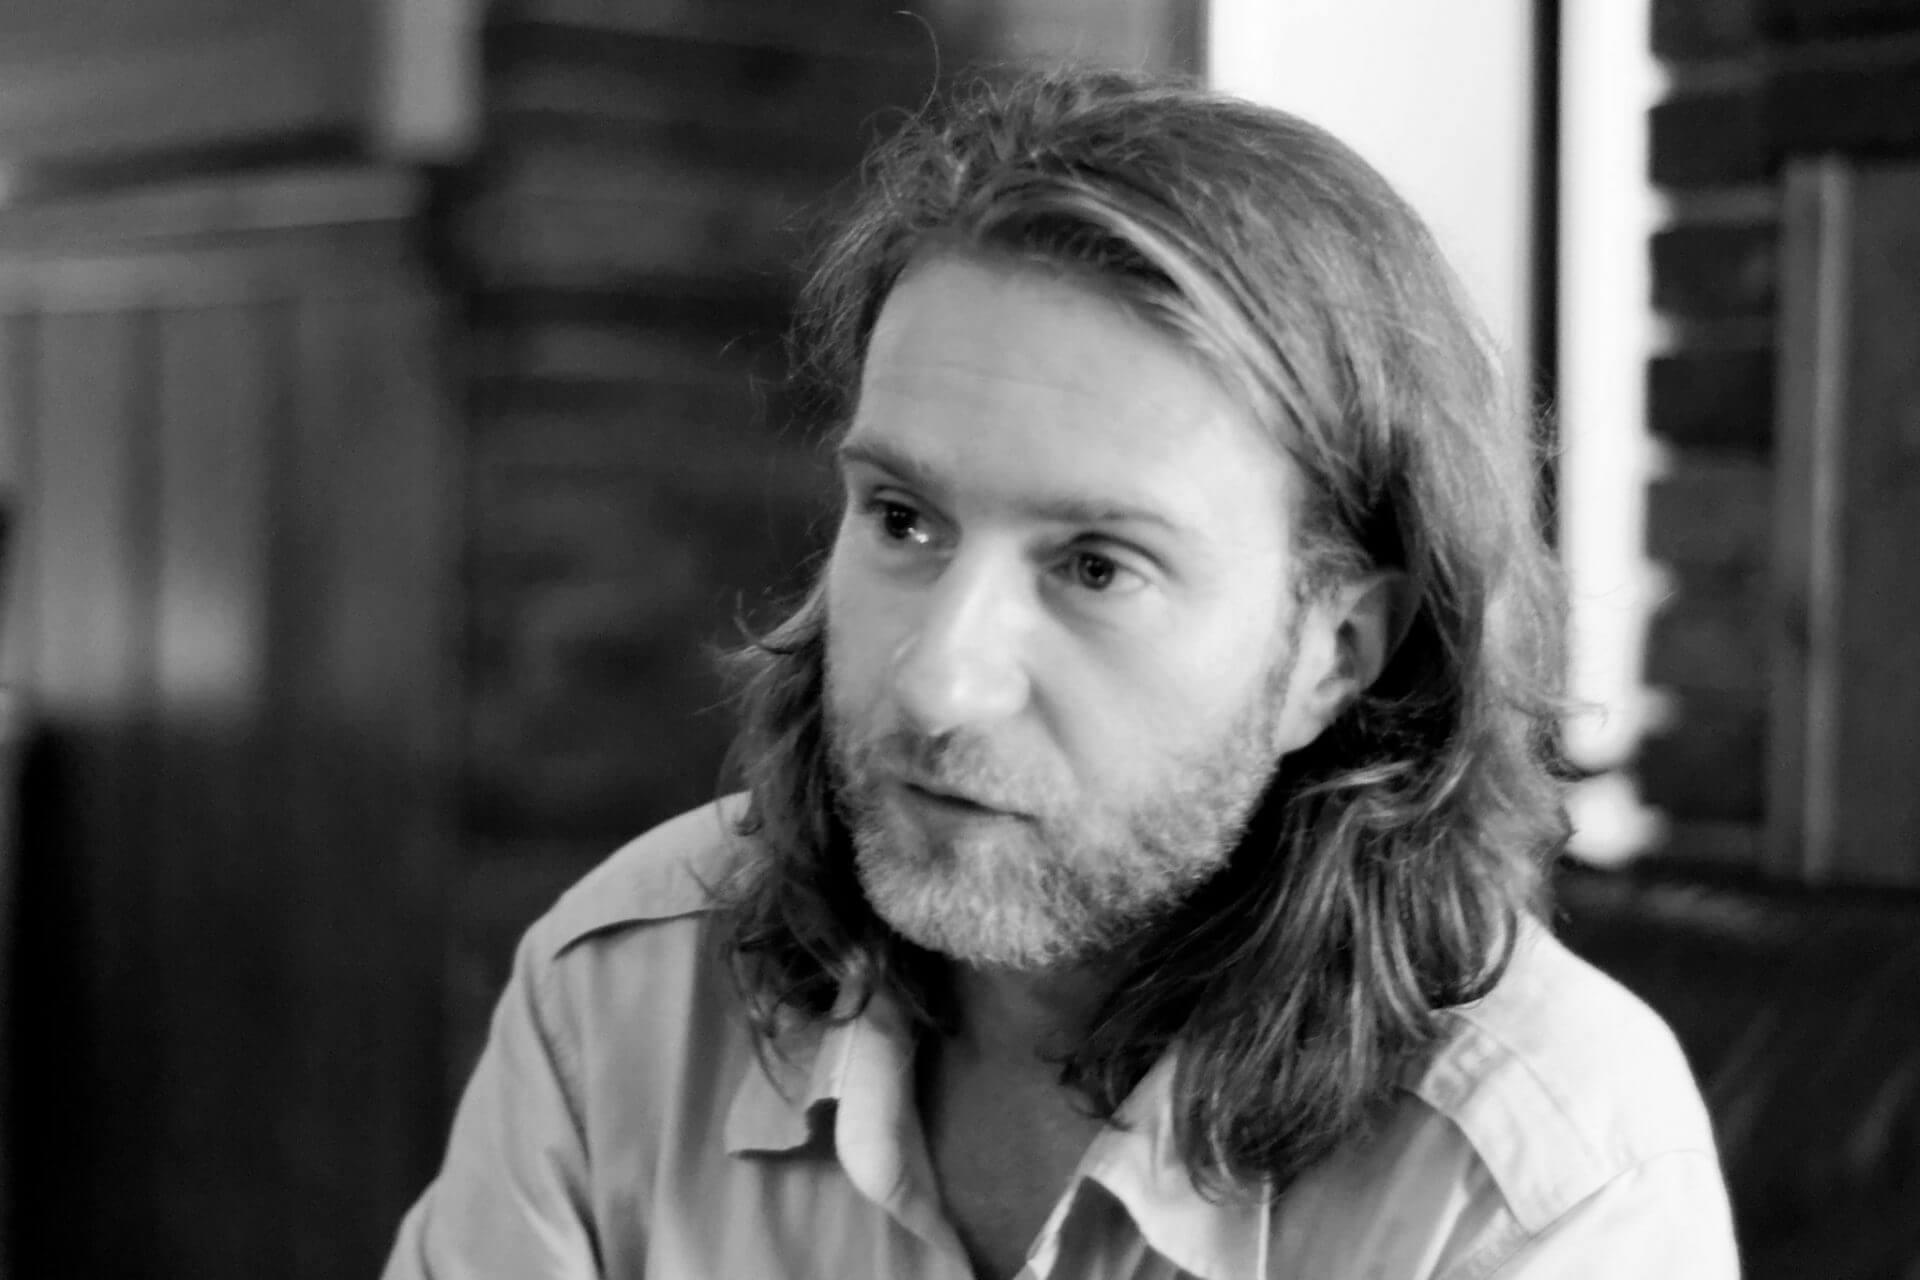 Robert Feszak (Robur)